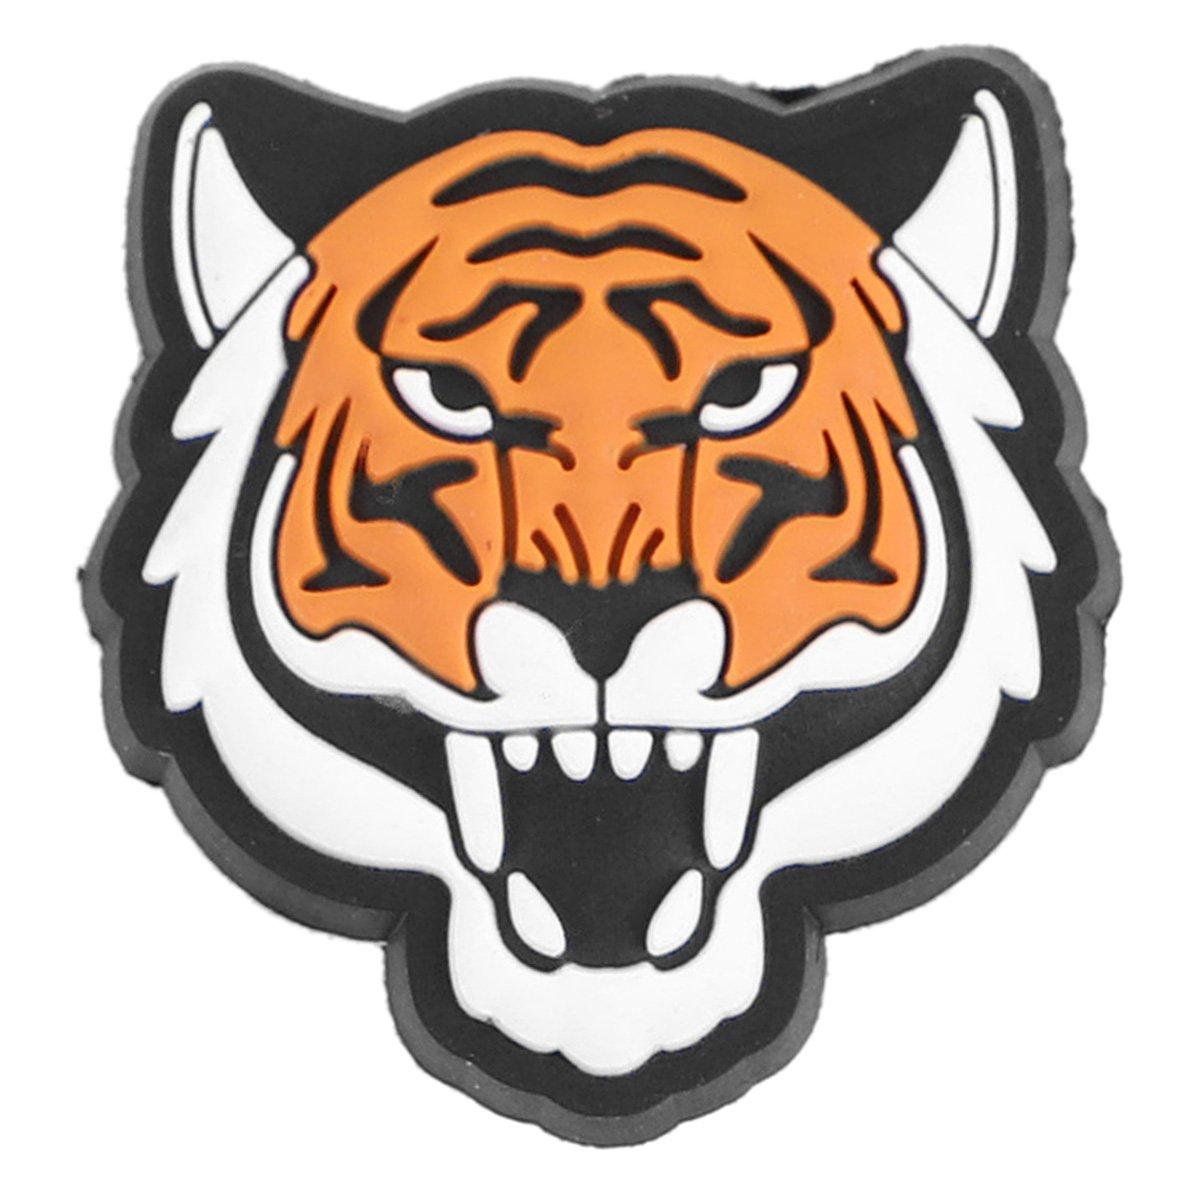 Acessório Infantil Crocs Tiger Mascot